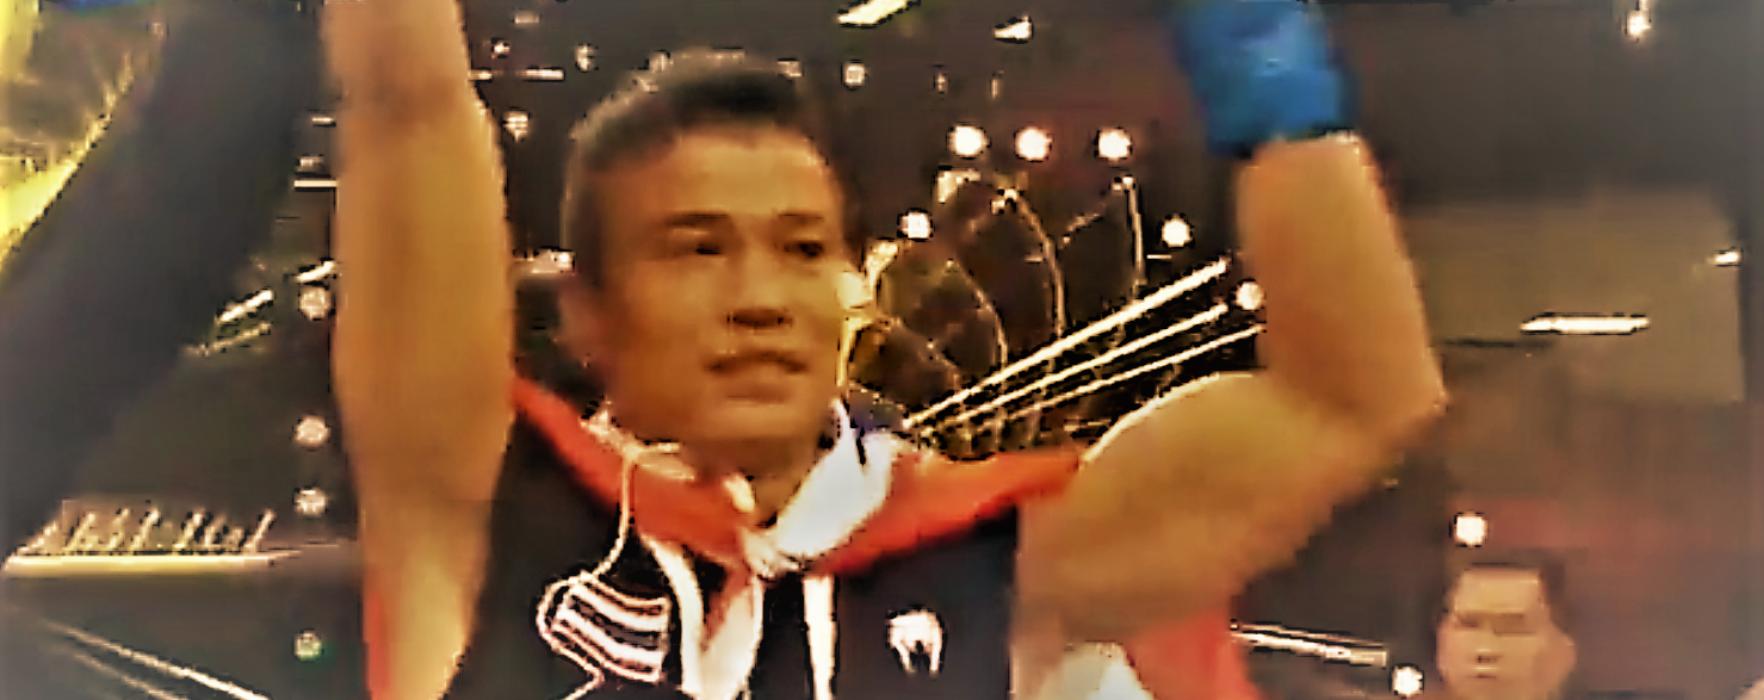 Flash News: Sittichai batte Yi Long per KO